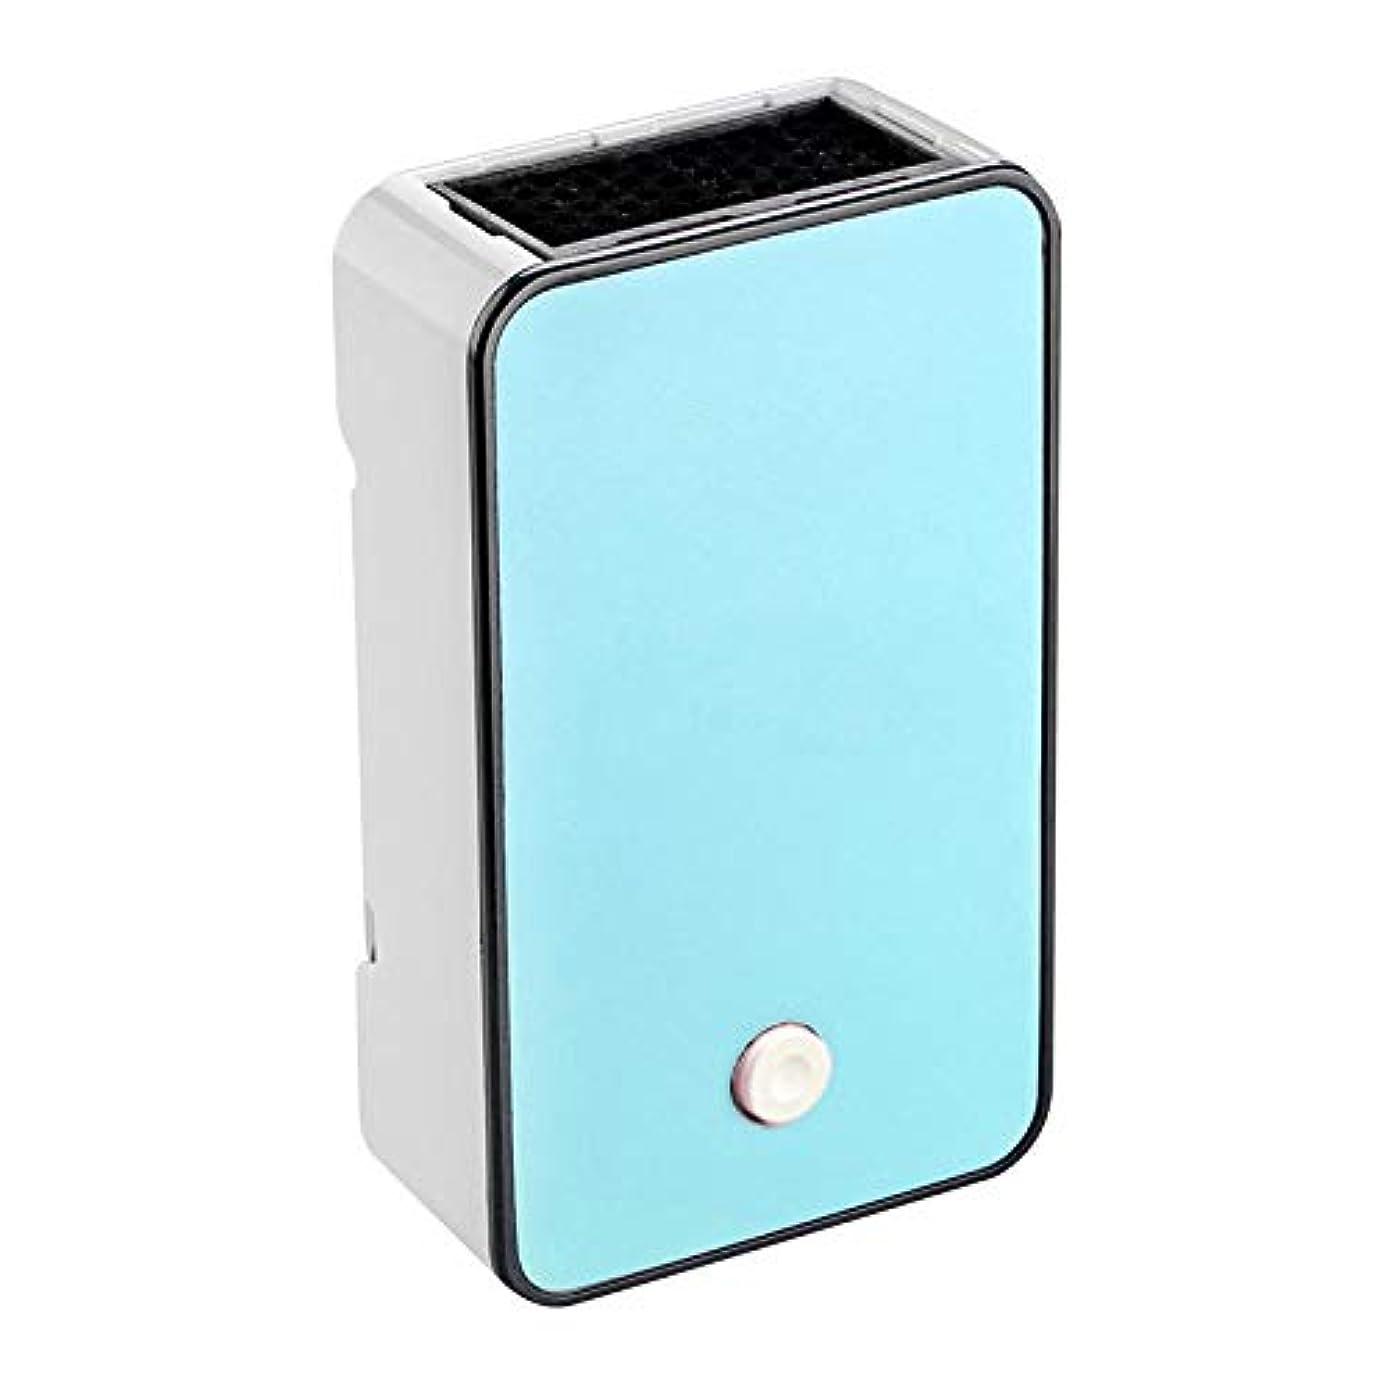 ポータブルハンドウォーマー、2-in-1モバイルパワークリエイティブハンドウォーマー、USB充電式、メンズギフトキッズギフト